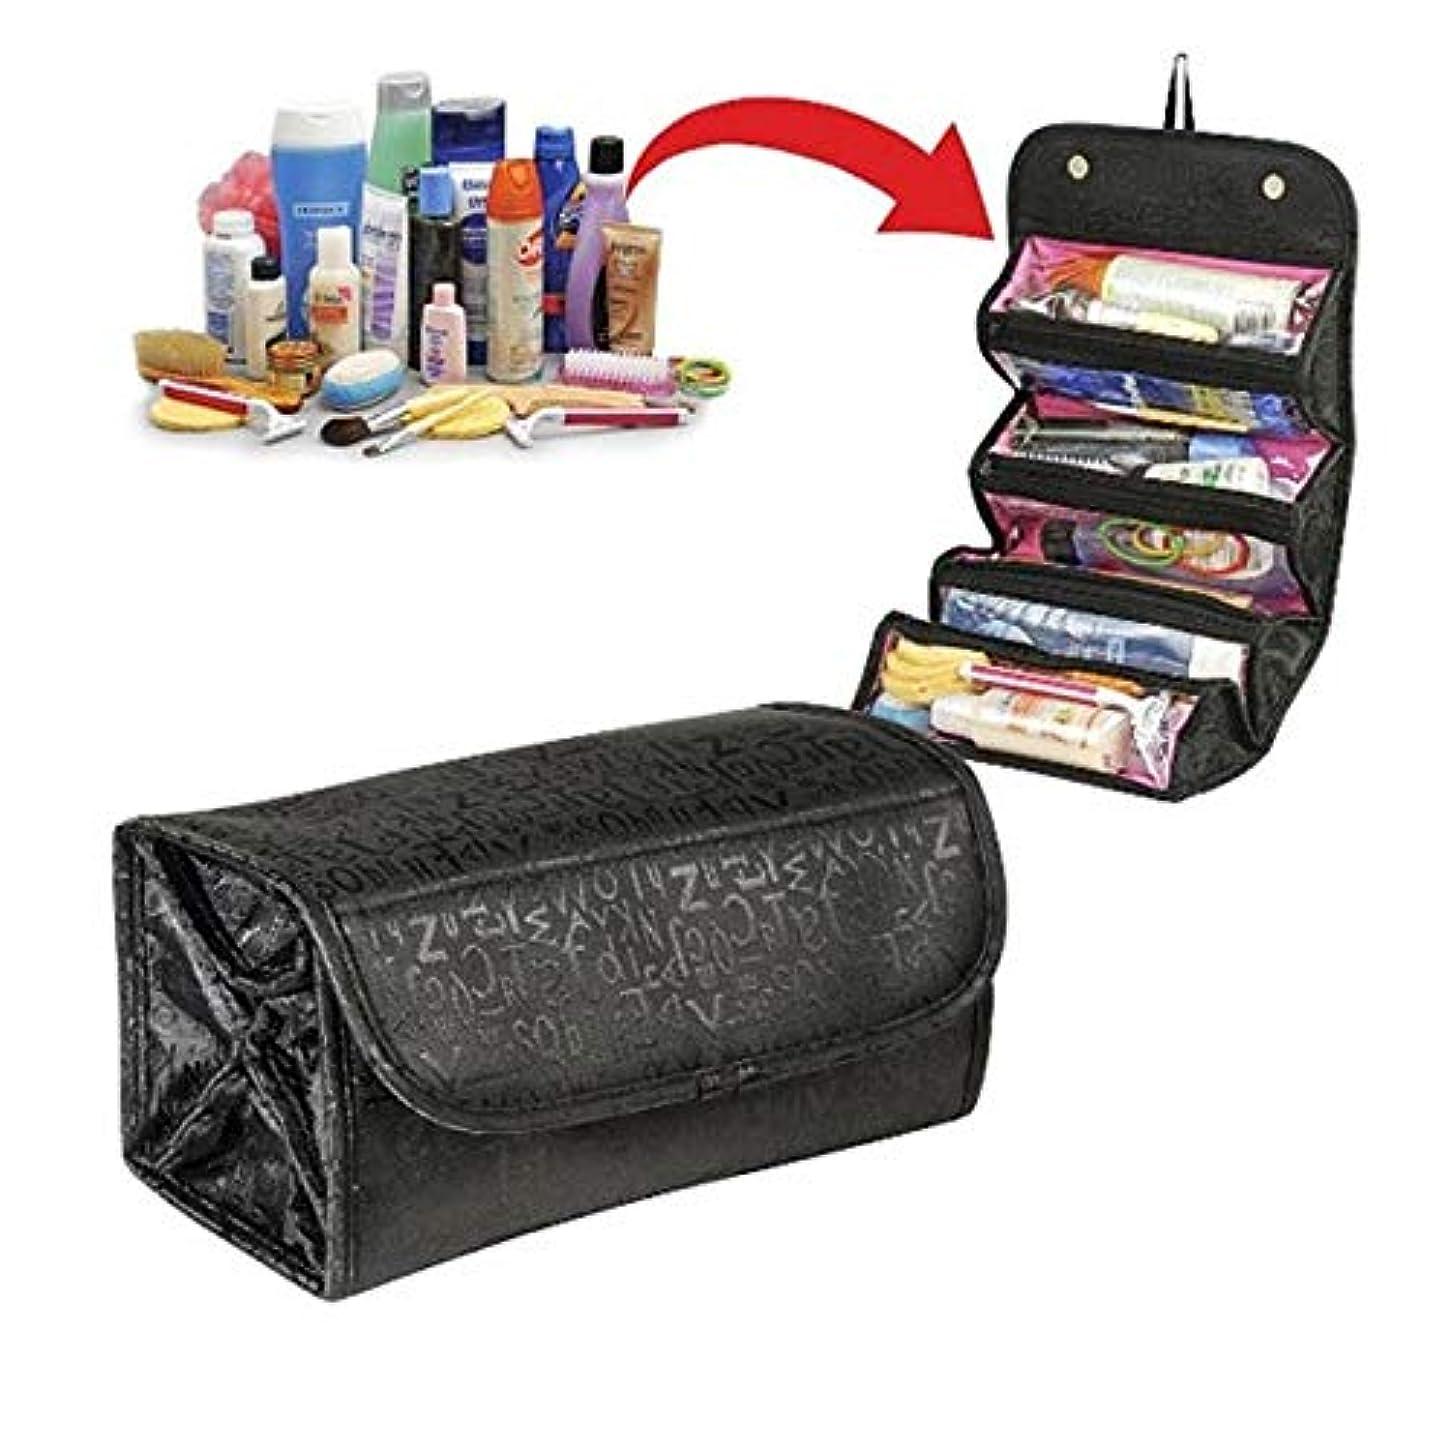 カウントアップ保安ネイティブMEI1JIA QUELLIA多機能化粧品袋は、メイクアップオーガナイザー(ブラック)